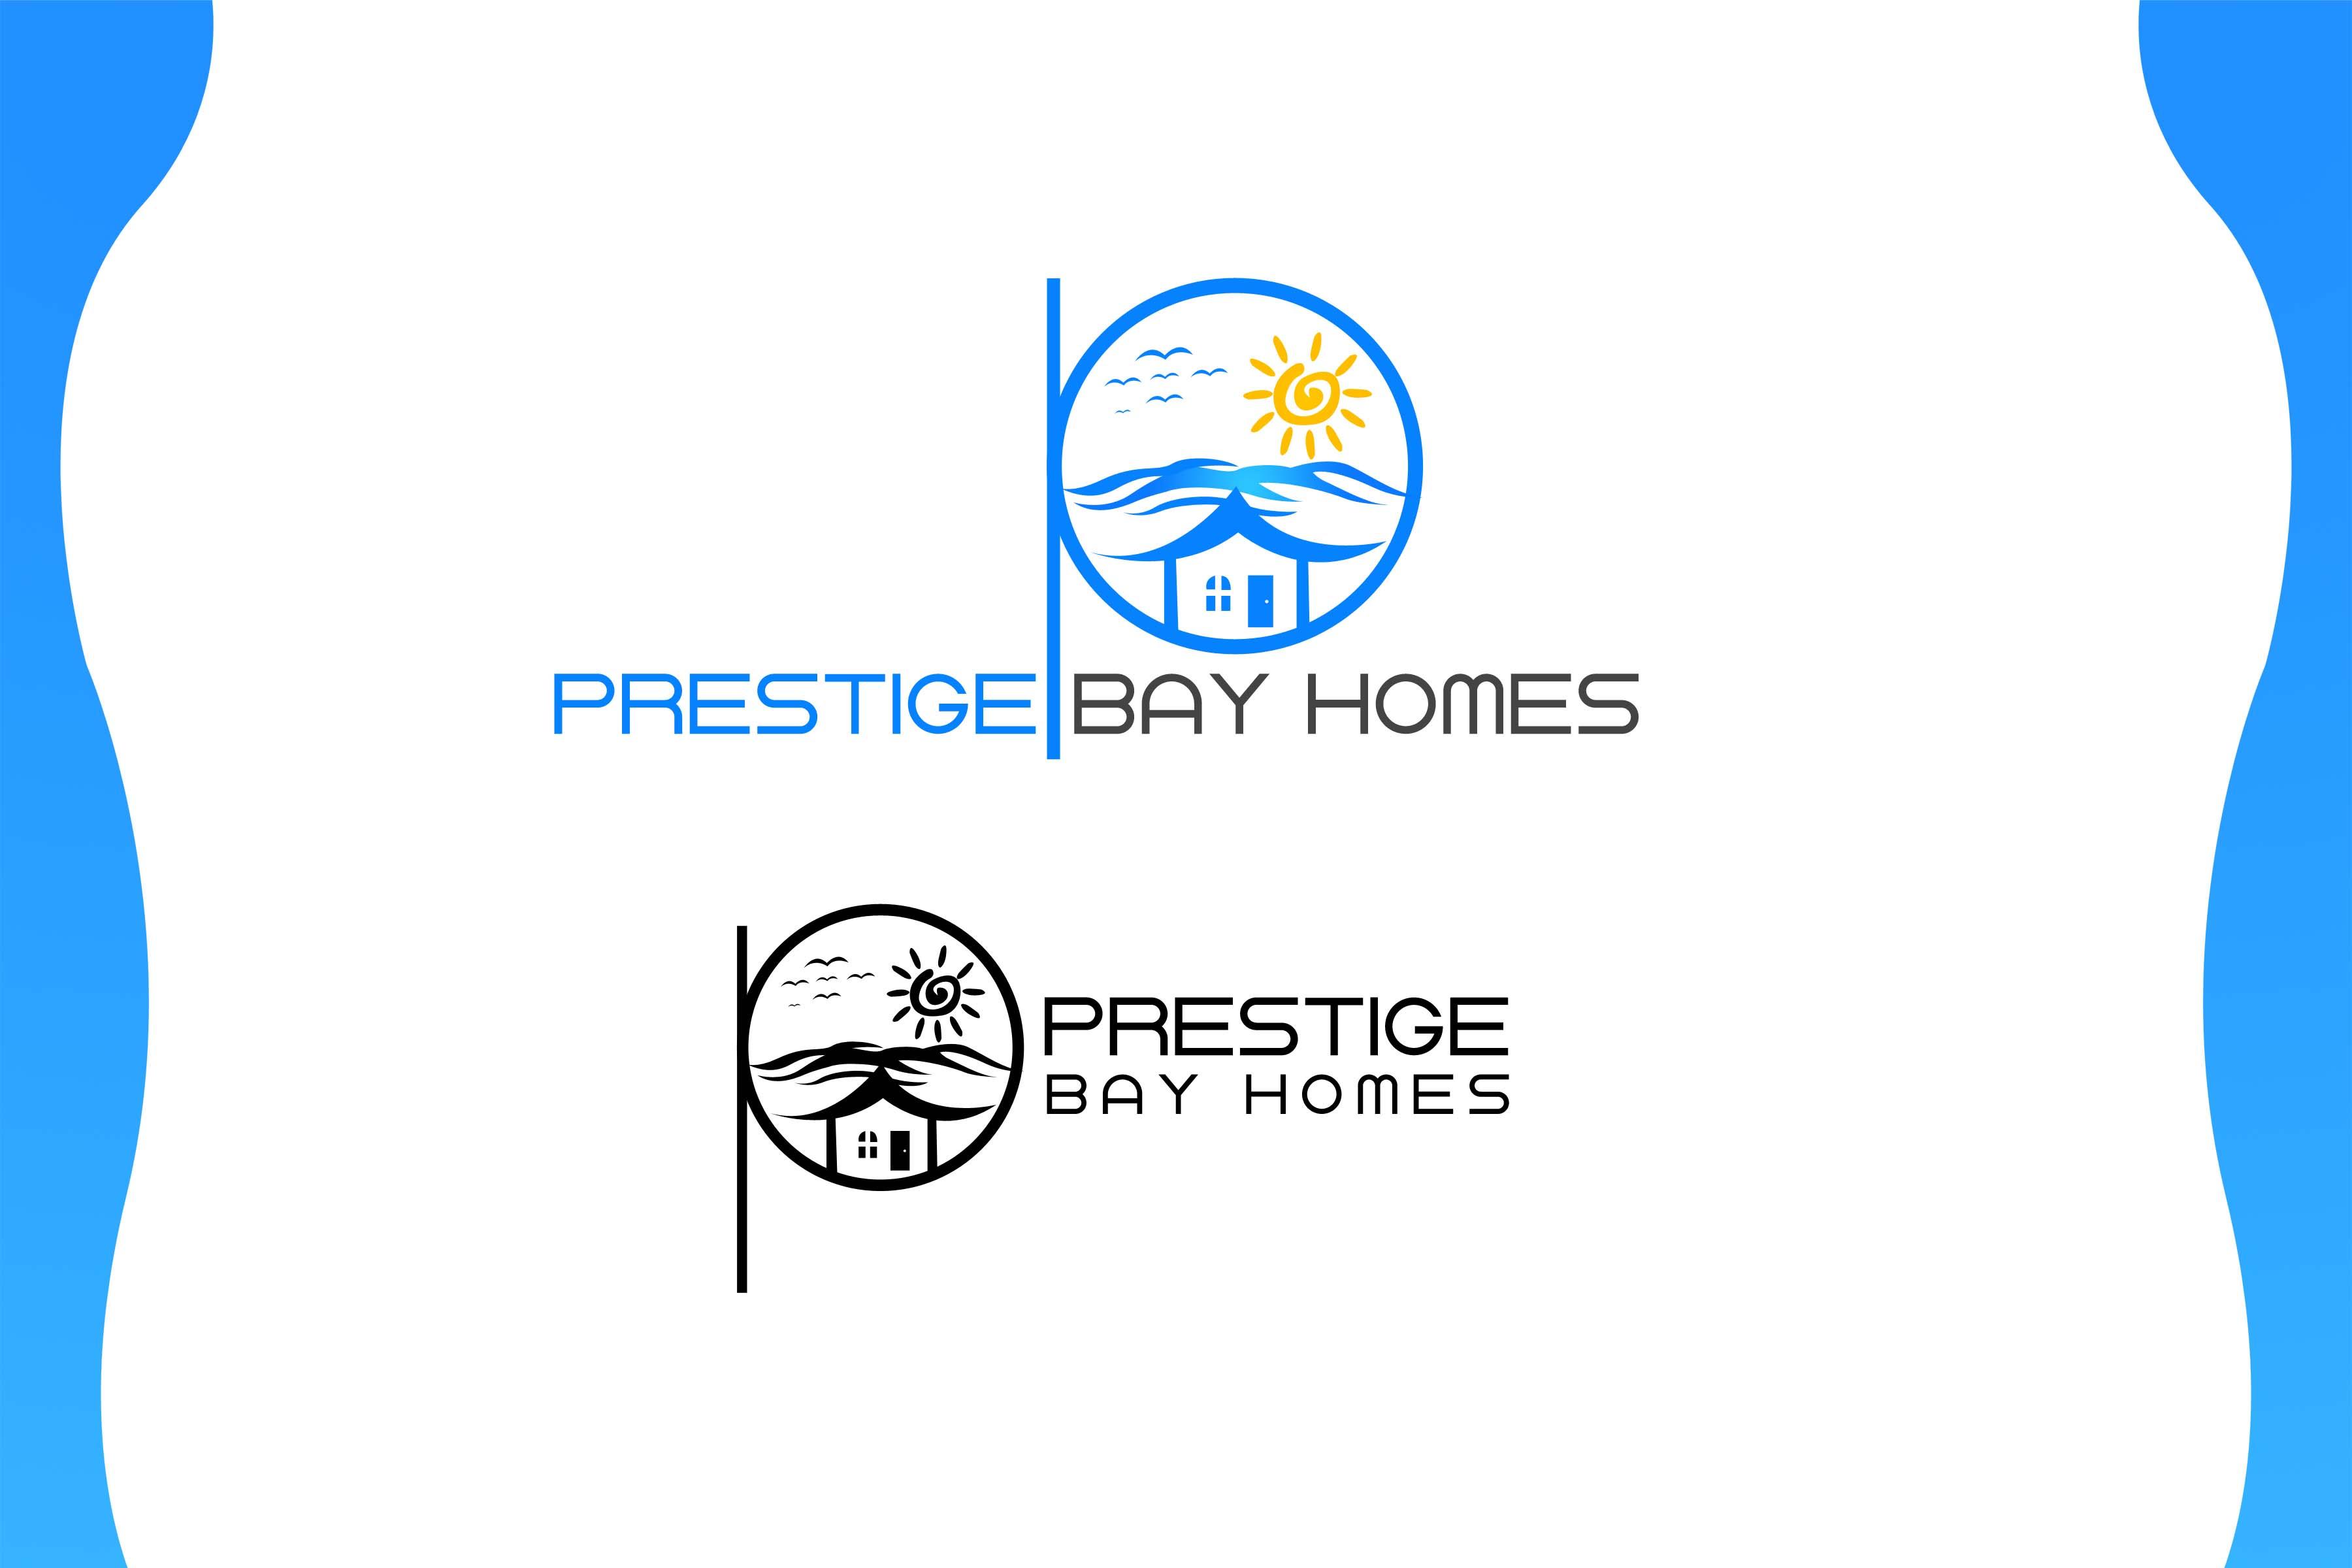 Logo Design by Private User - Entry No. 70 in the Logo Design Contest Imaginative Logo Design for Prestige Bay Homes.